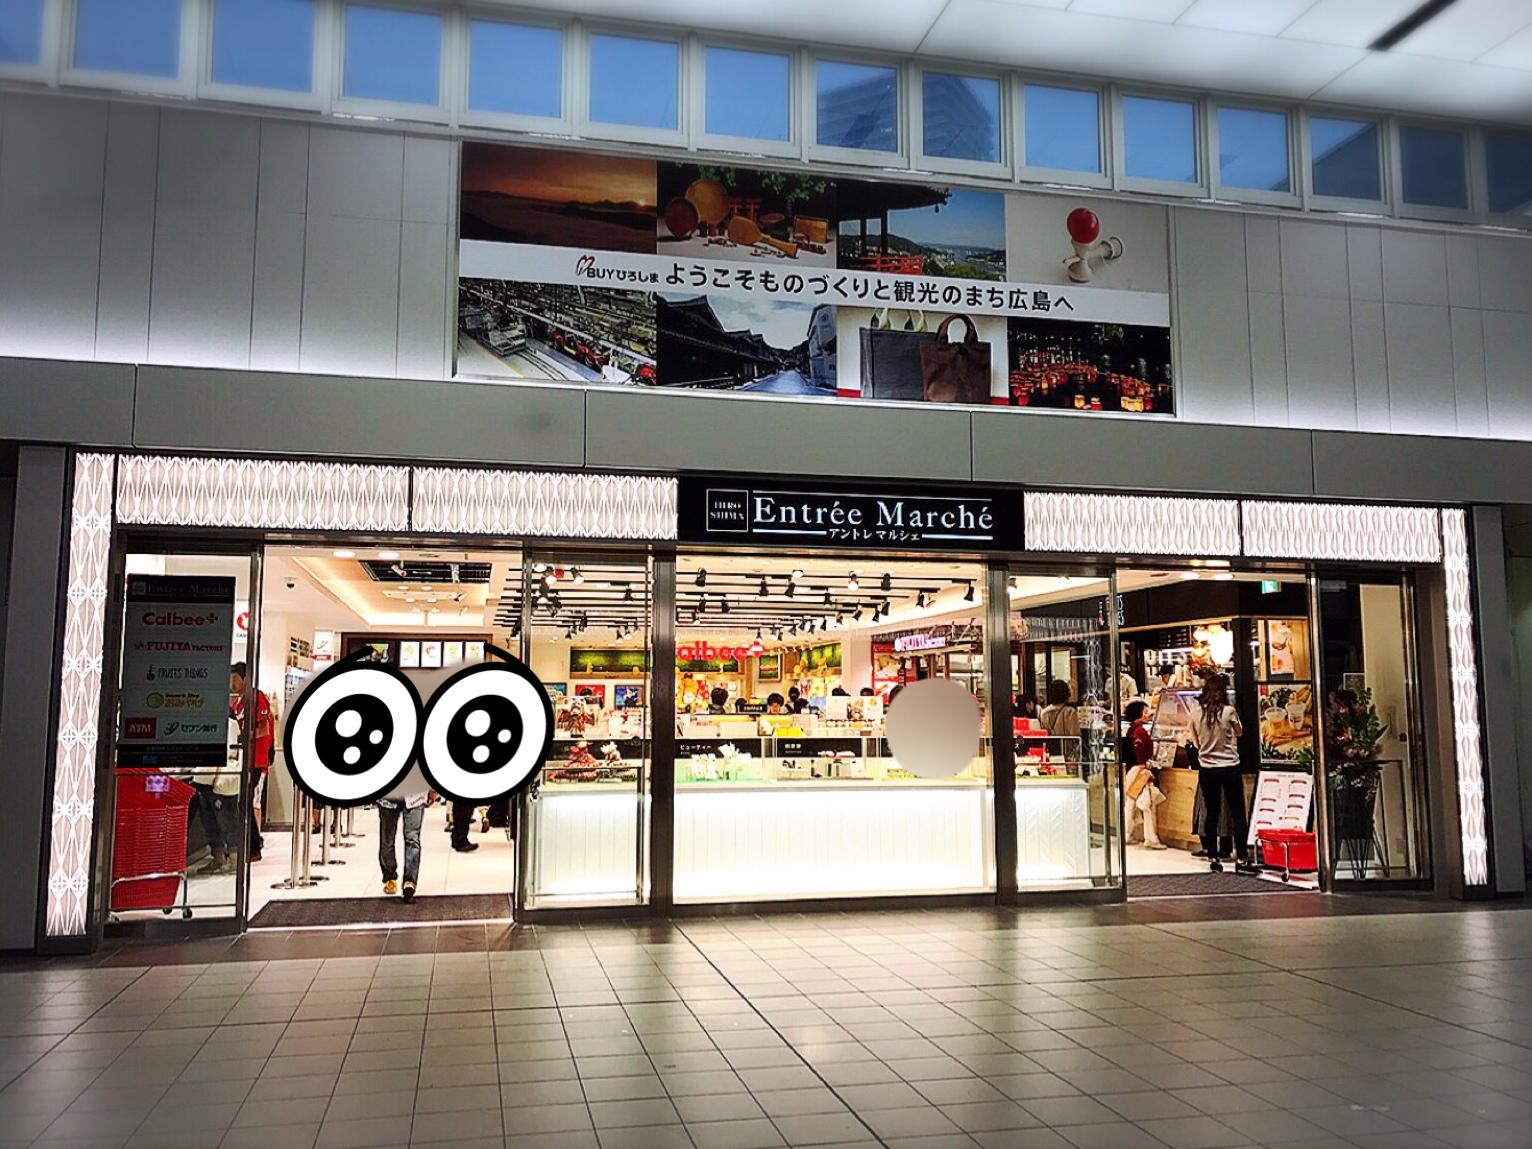 6.23 広島駅にアントレマルシェ 新オープン!